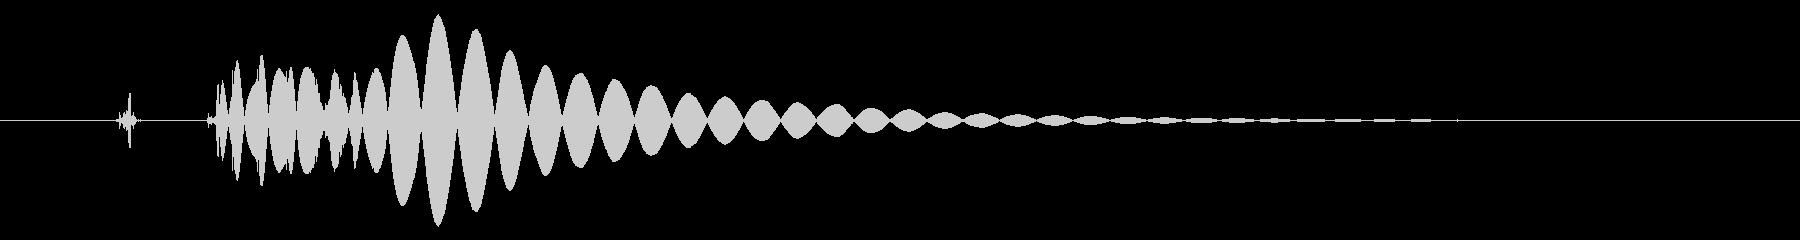 EDM/IDM系の埋もれないバスドラ3bの未再生の波形